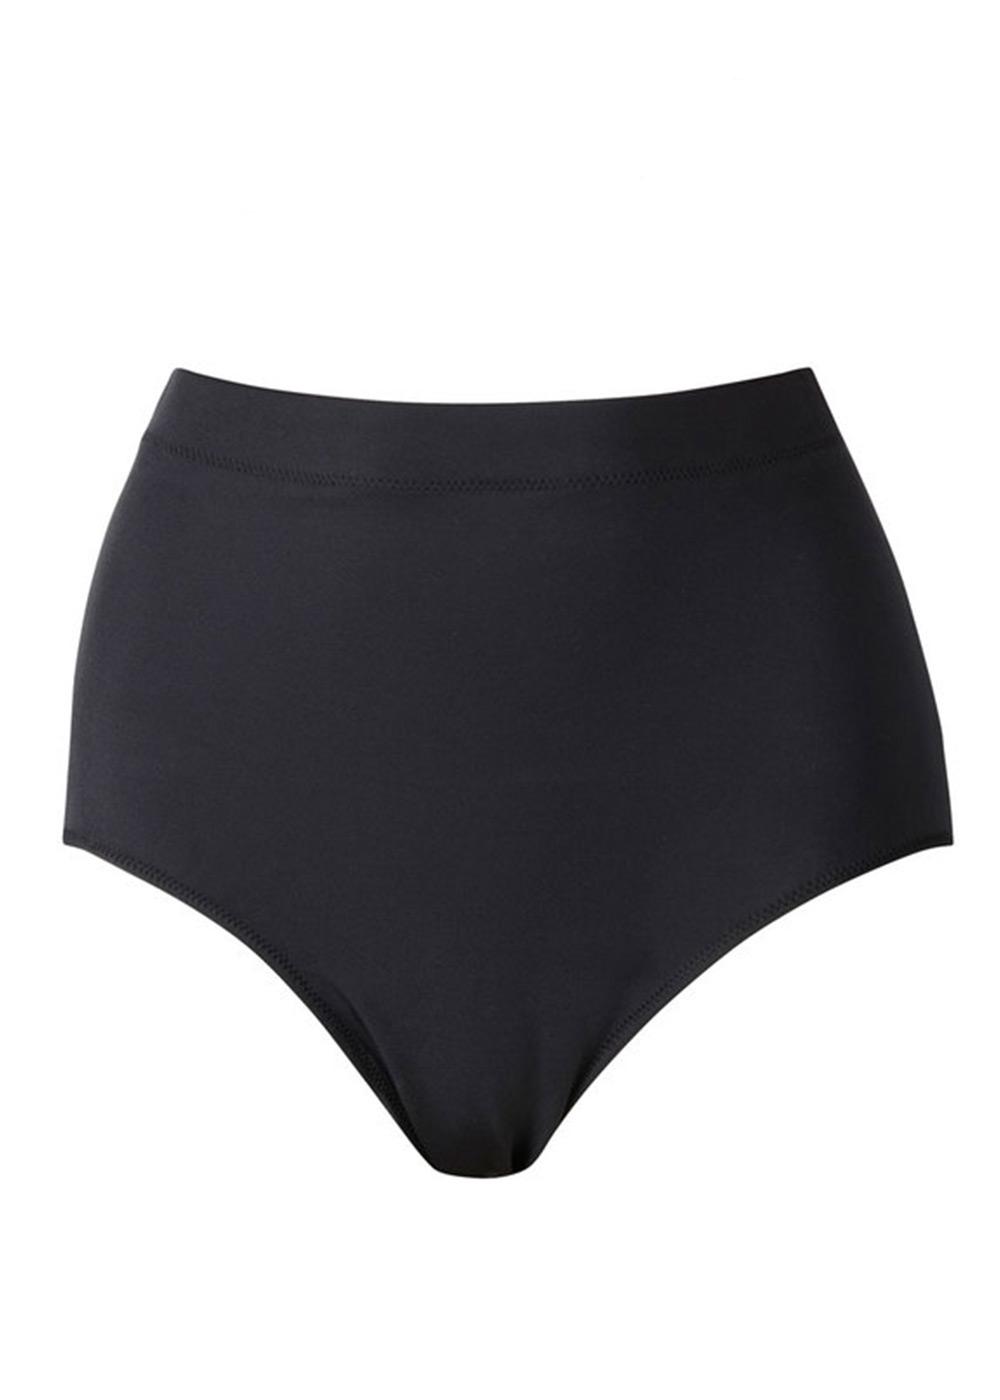 c3b866a09606 Elomi Swim Essentials brief bikinitrosa 42-52 svart | Feminint.se